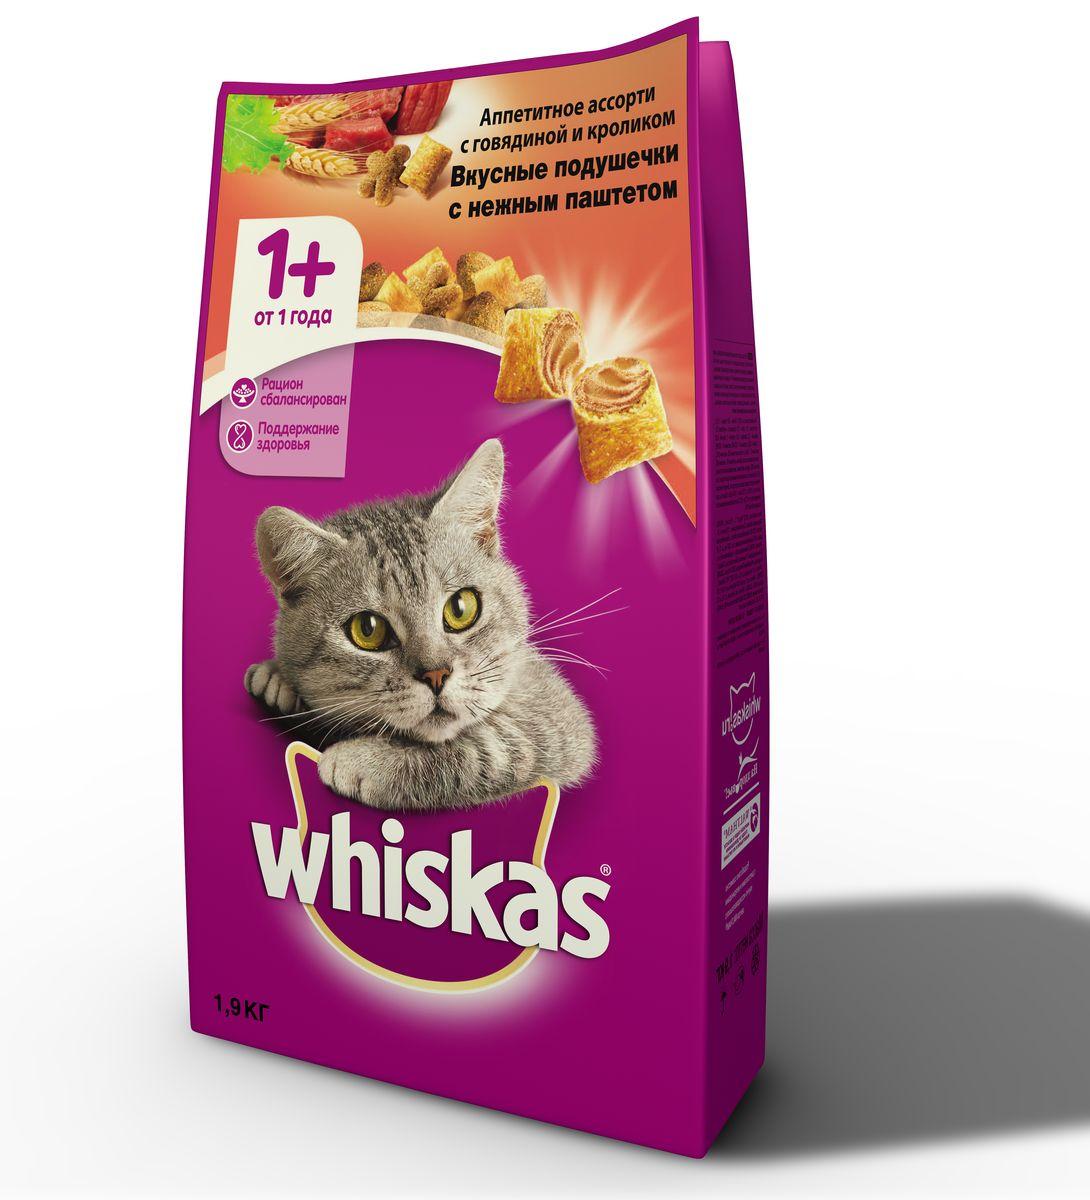 Корм сухой для кошек Whiskas Вкусные подушечки, с нежным паштетом, с говядиной и кроликом, 1,9 кг корм whiskas подушечки овощные говядина кролик 1 9kg 10150211